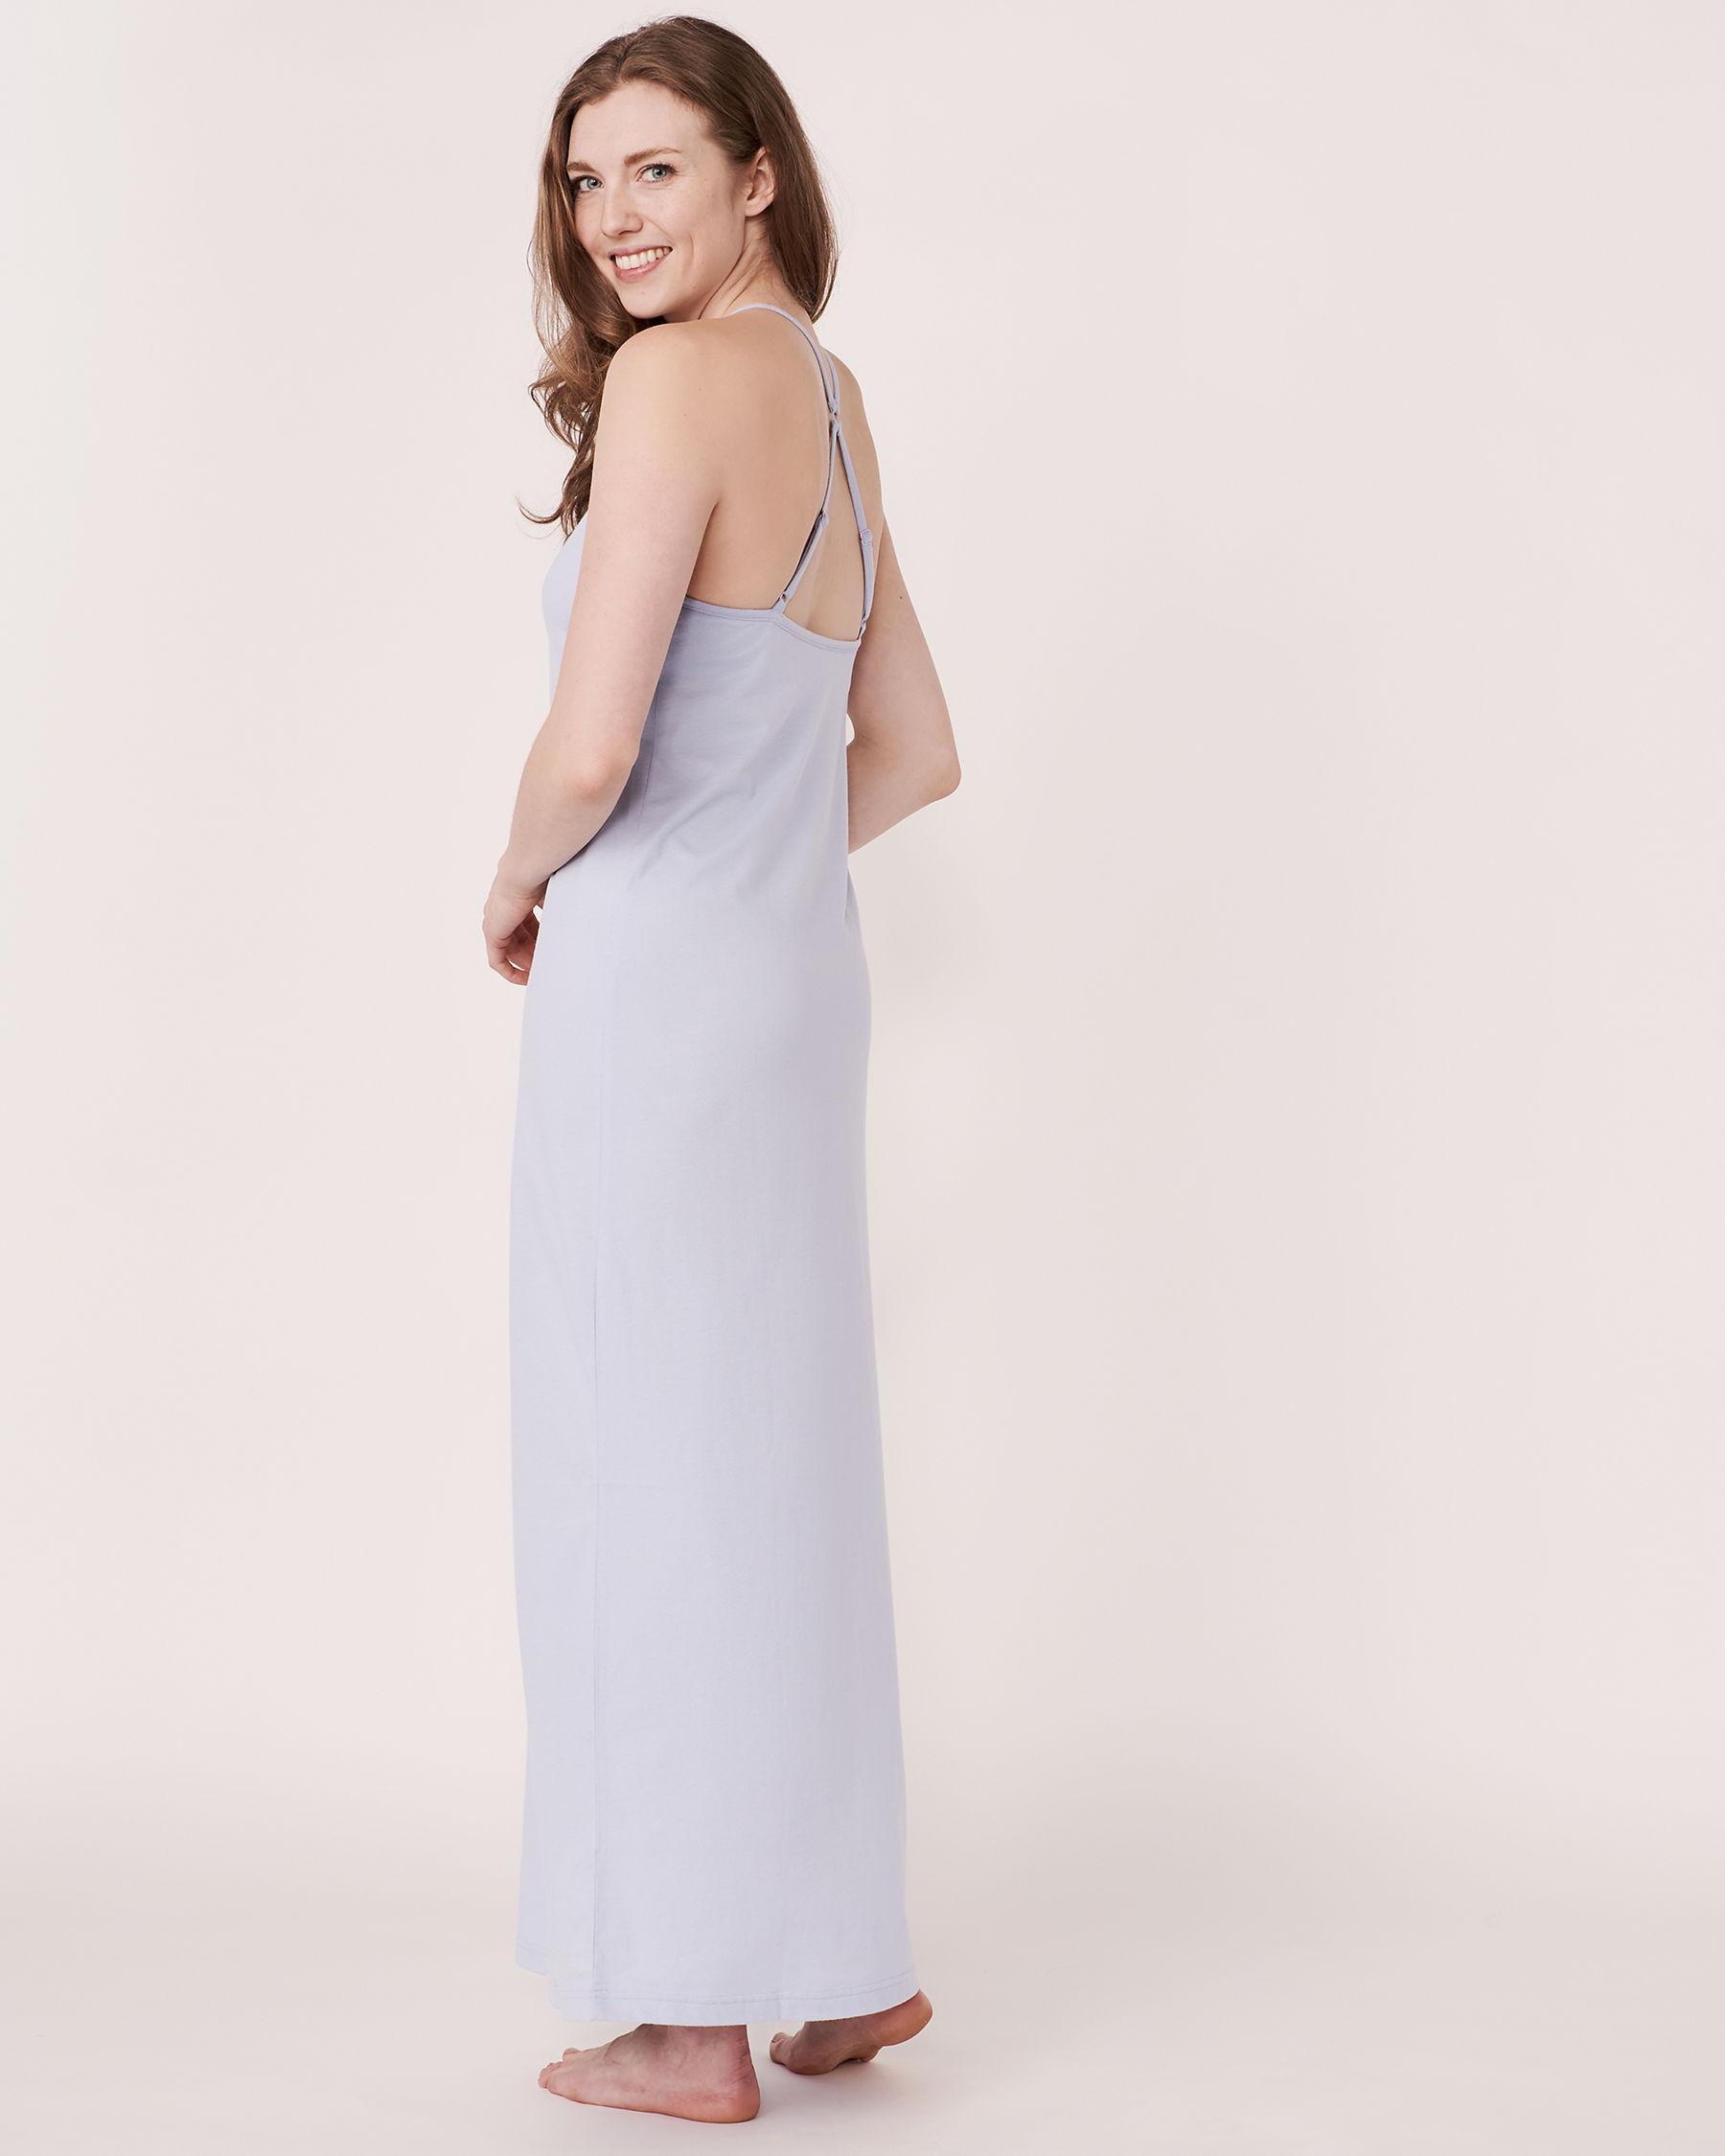 LA VIE EN ROSE 3D Petals Gown Blue sky 40500011 - View4